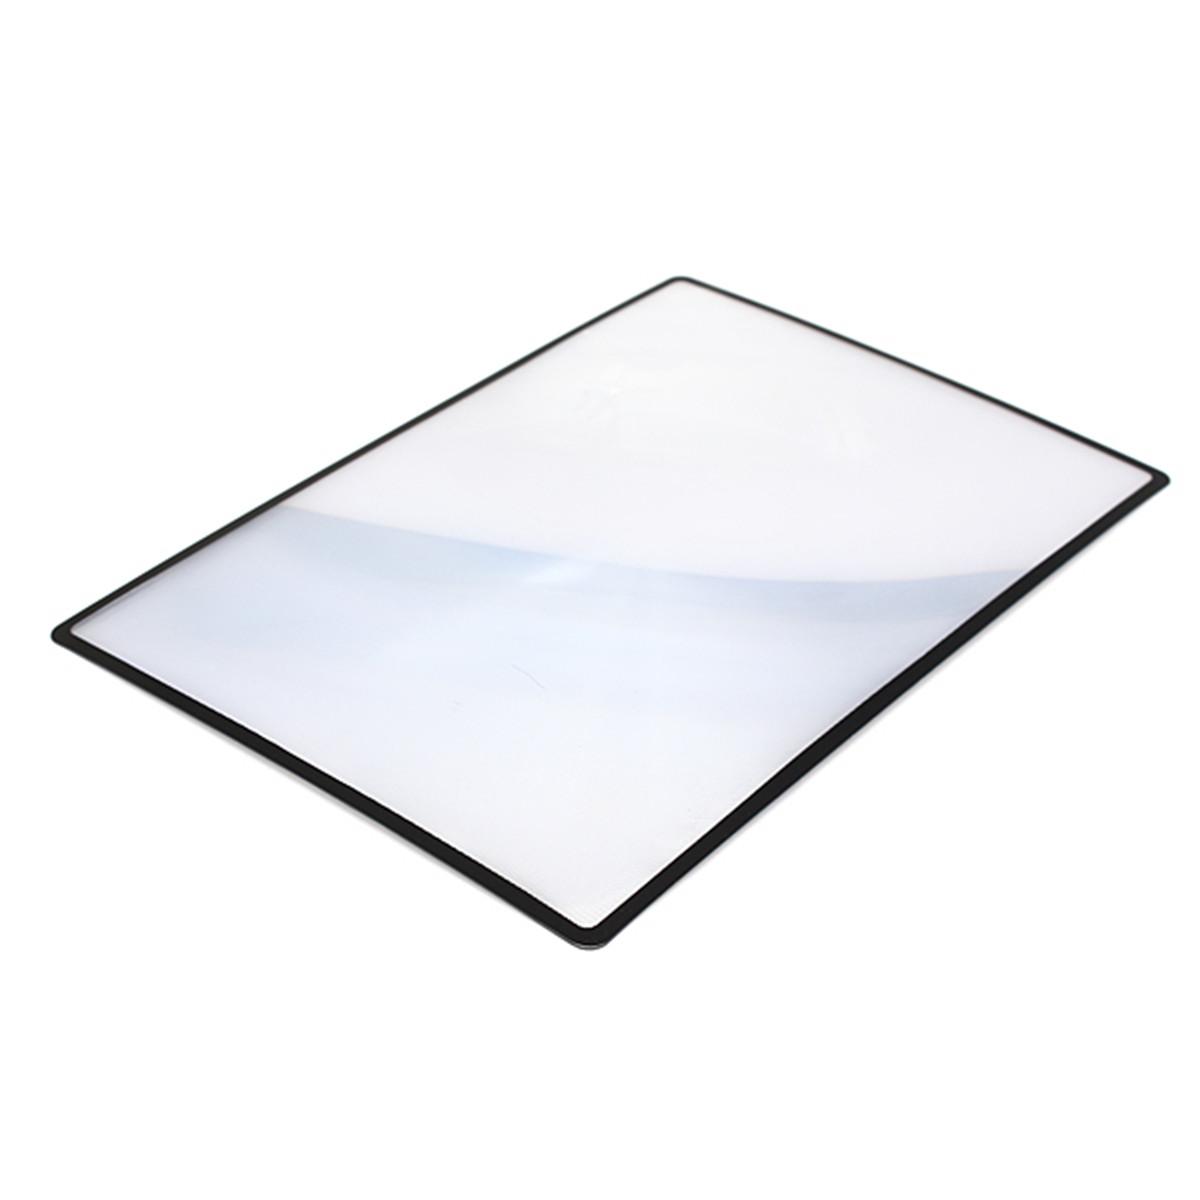 A5 feuille loupe miroir magnifier 180x120mm agrandissement pvc 3x lecture carte ebay for Miroir loupe